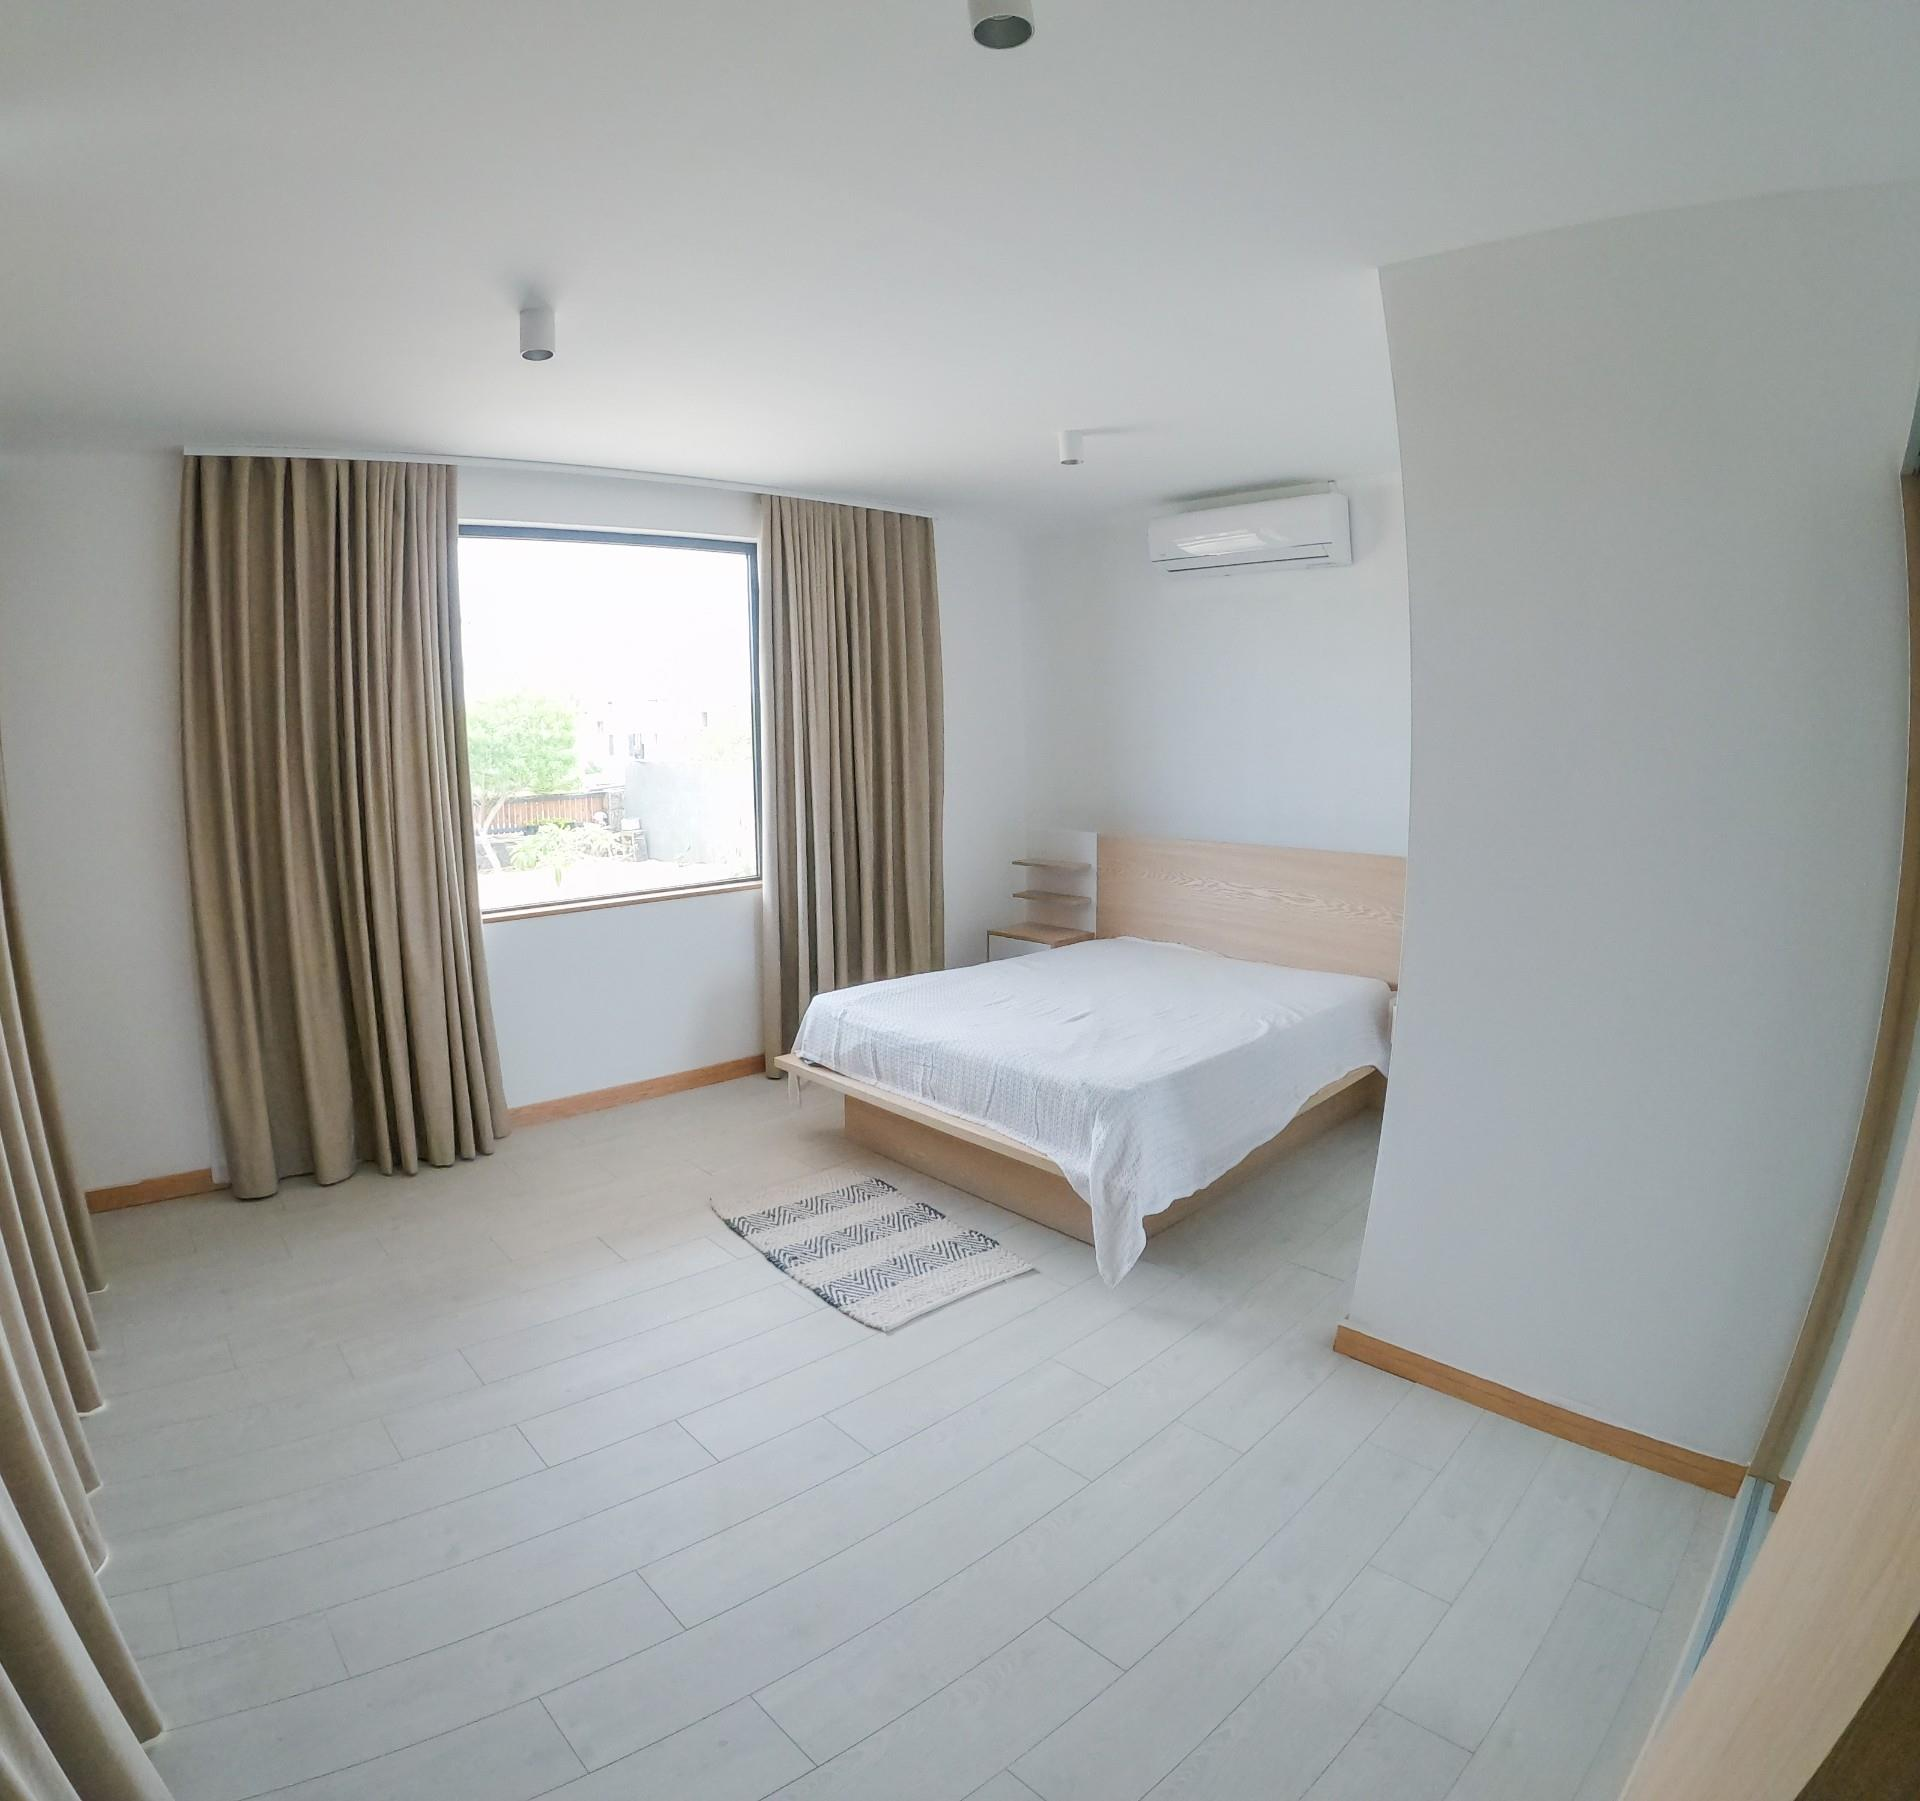 4 Bedroom House For Sale in Flic En Flac